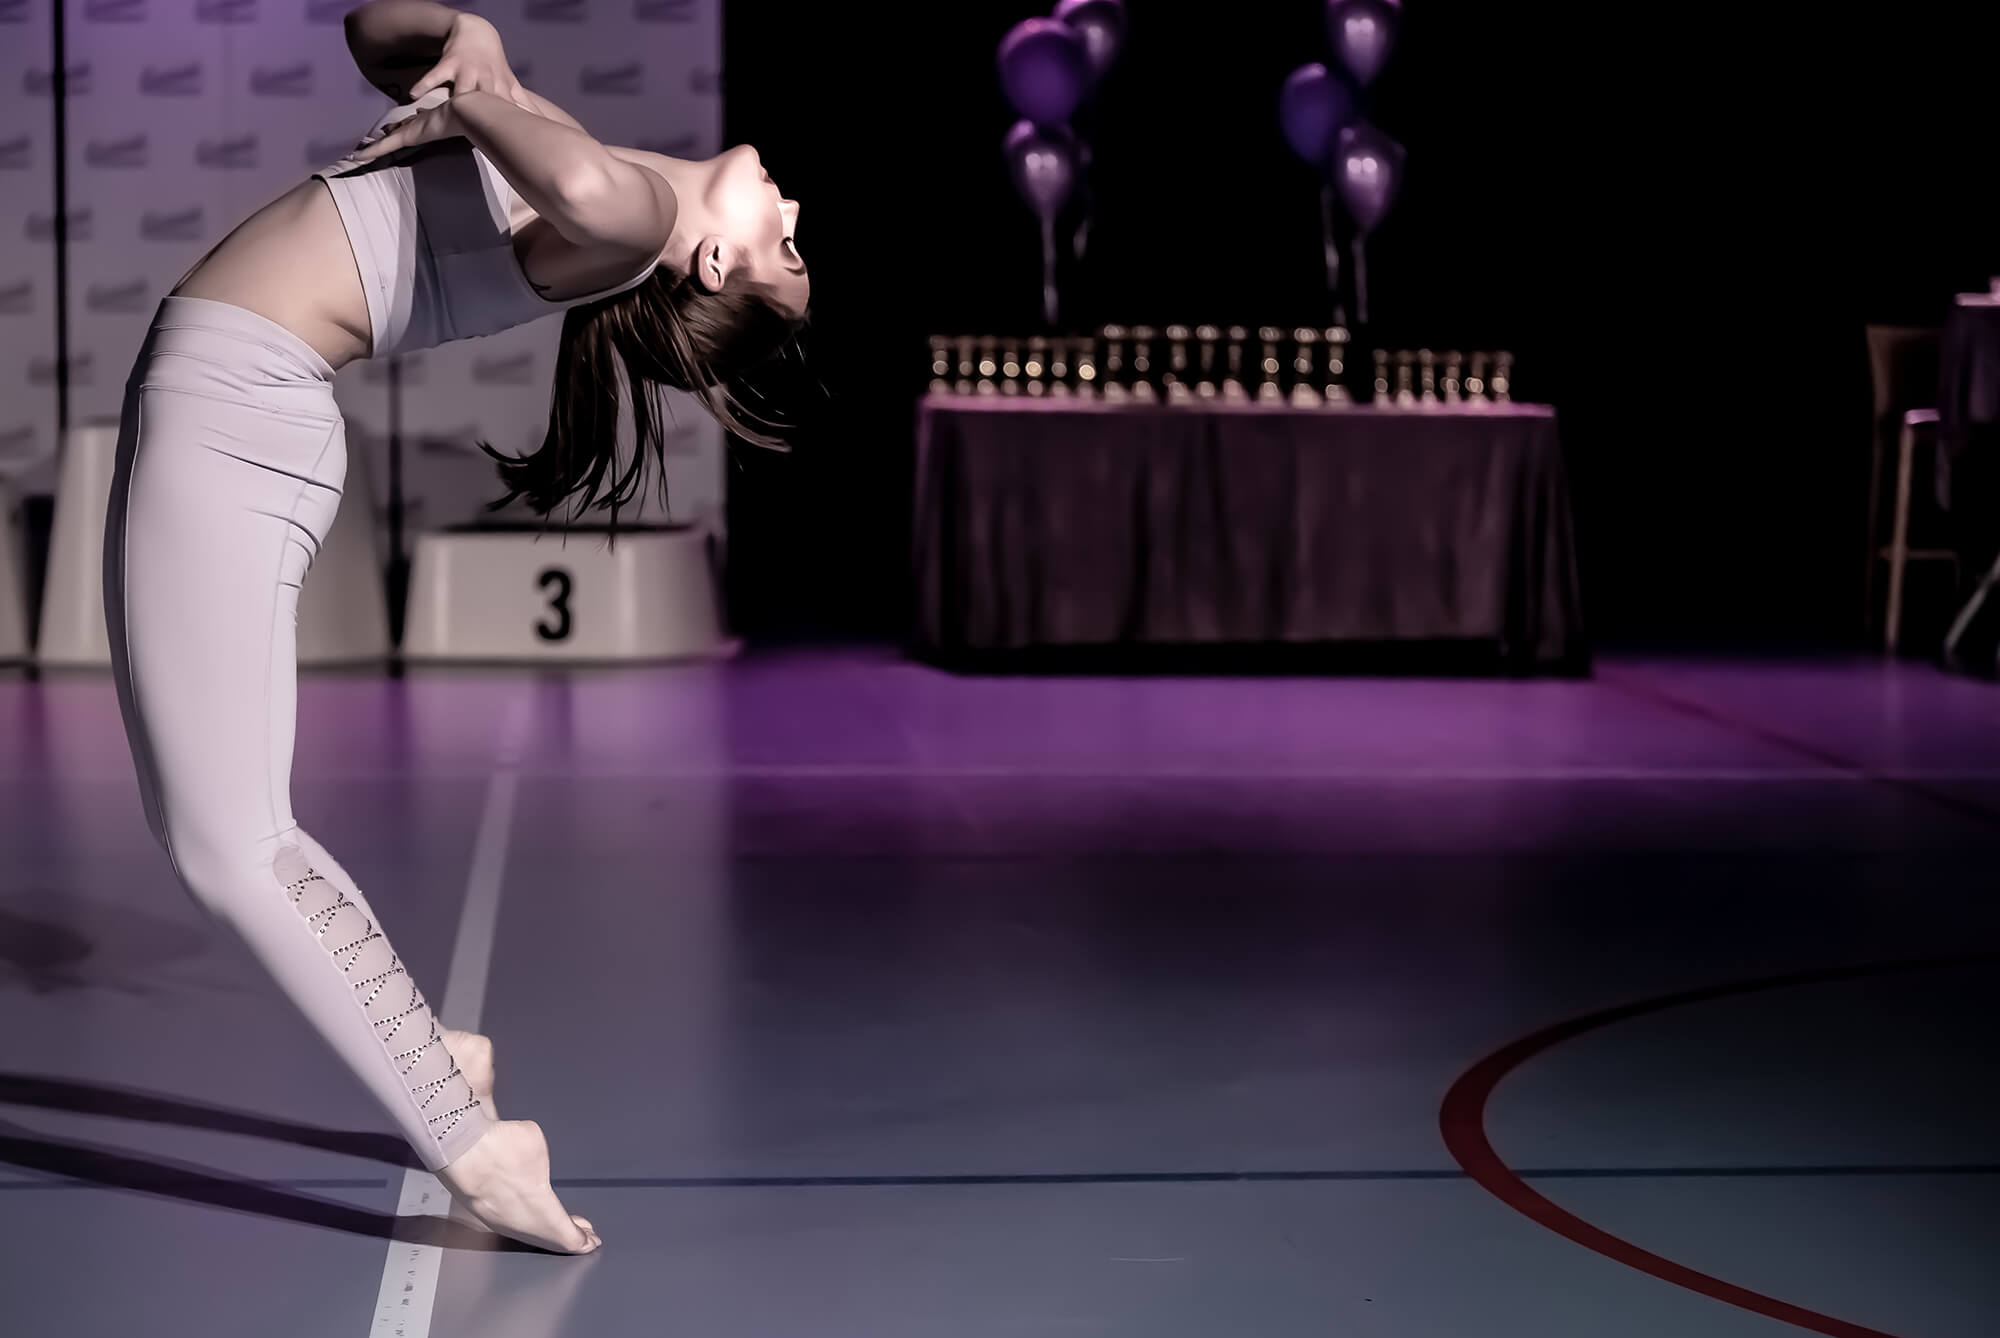 Tjej står på tå bakåtlutad i dans